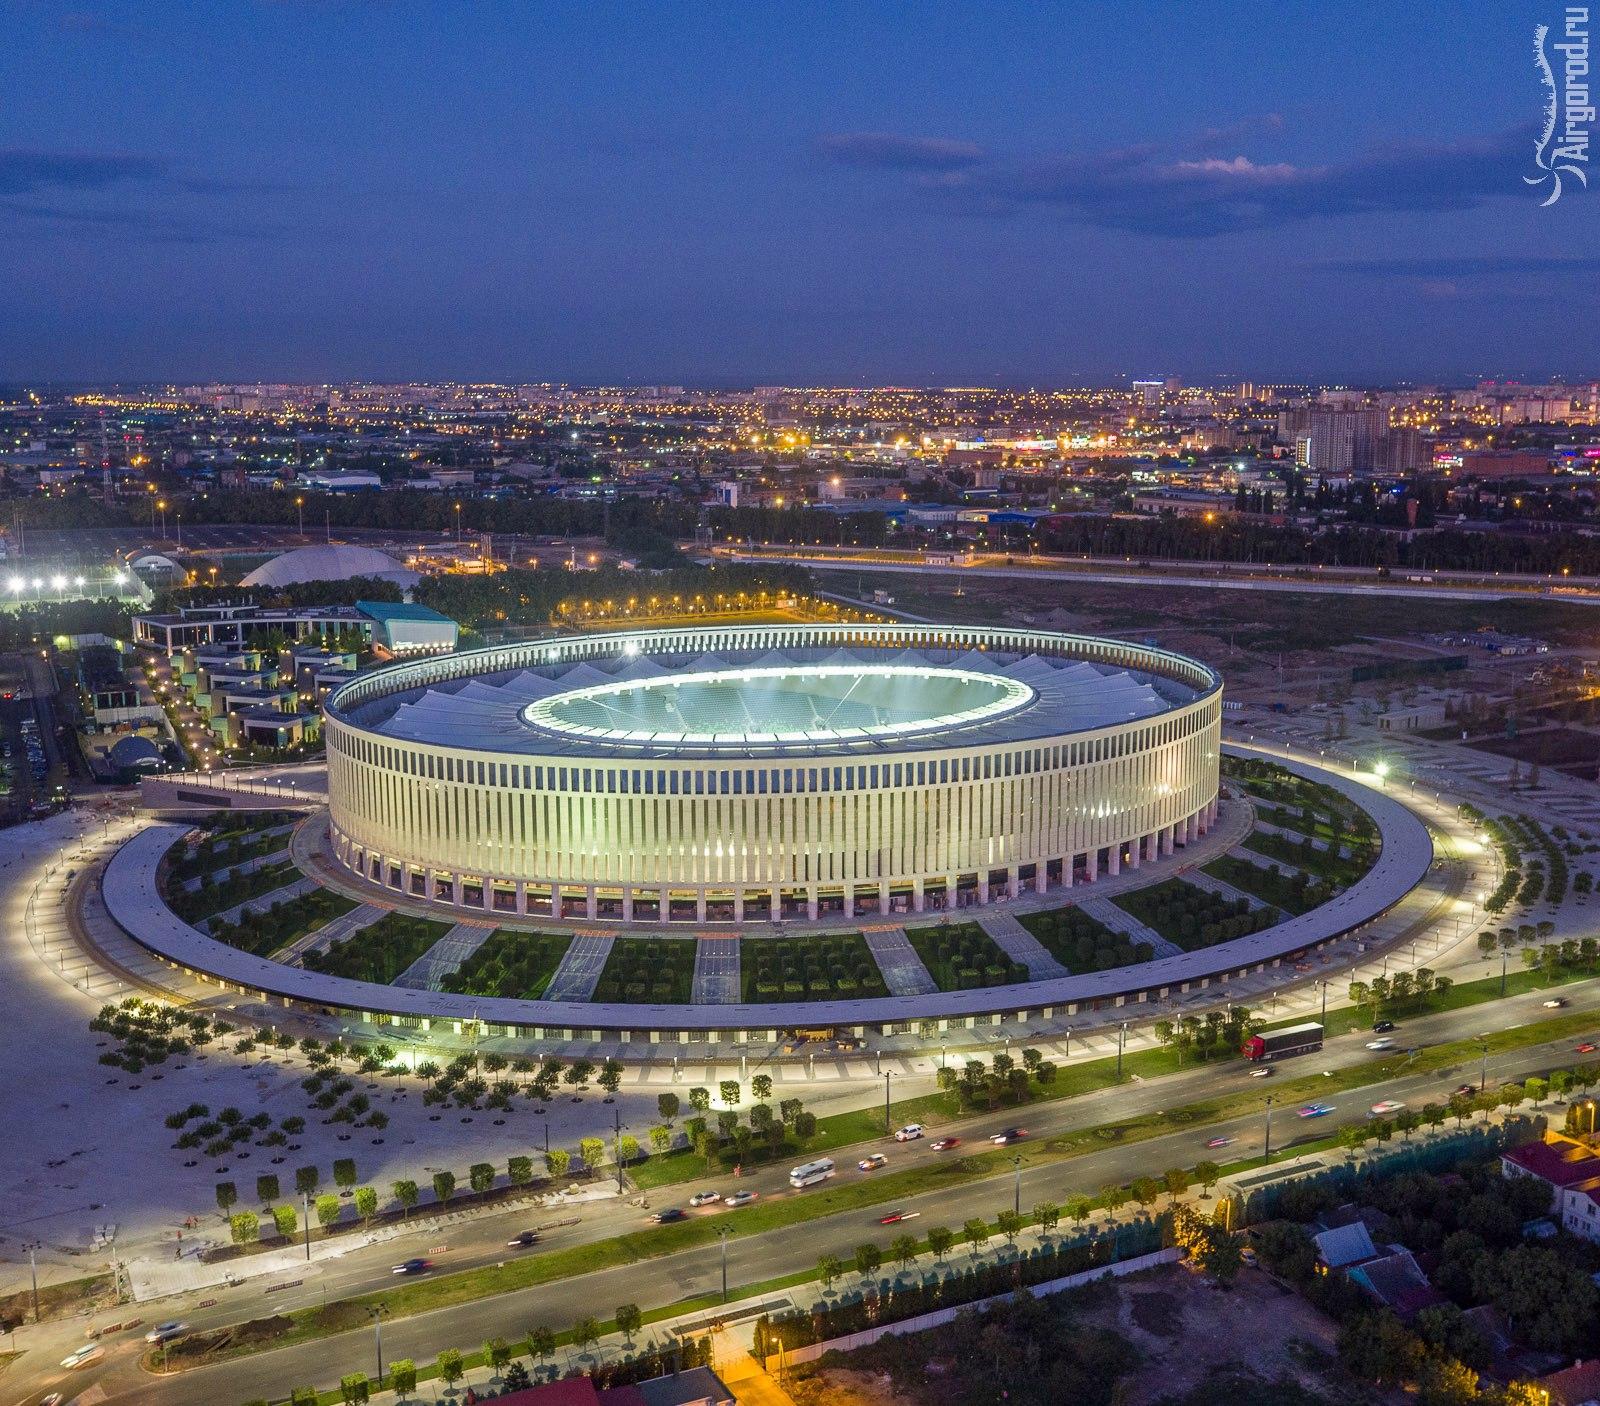 краснодарский стадион фото